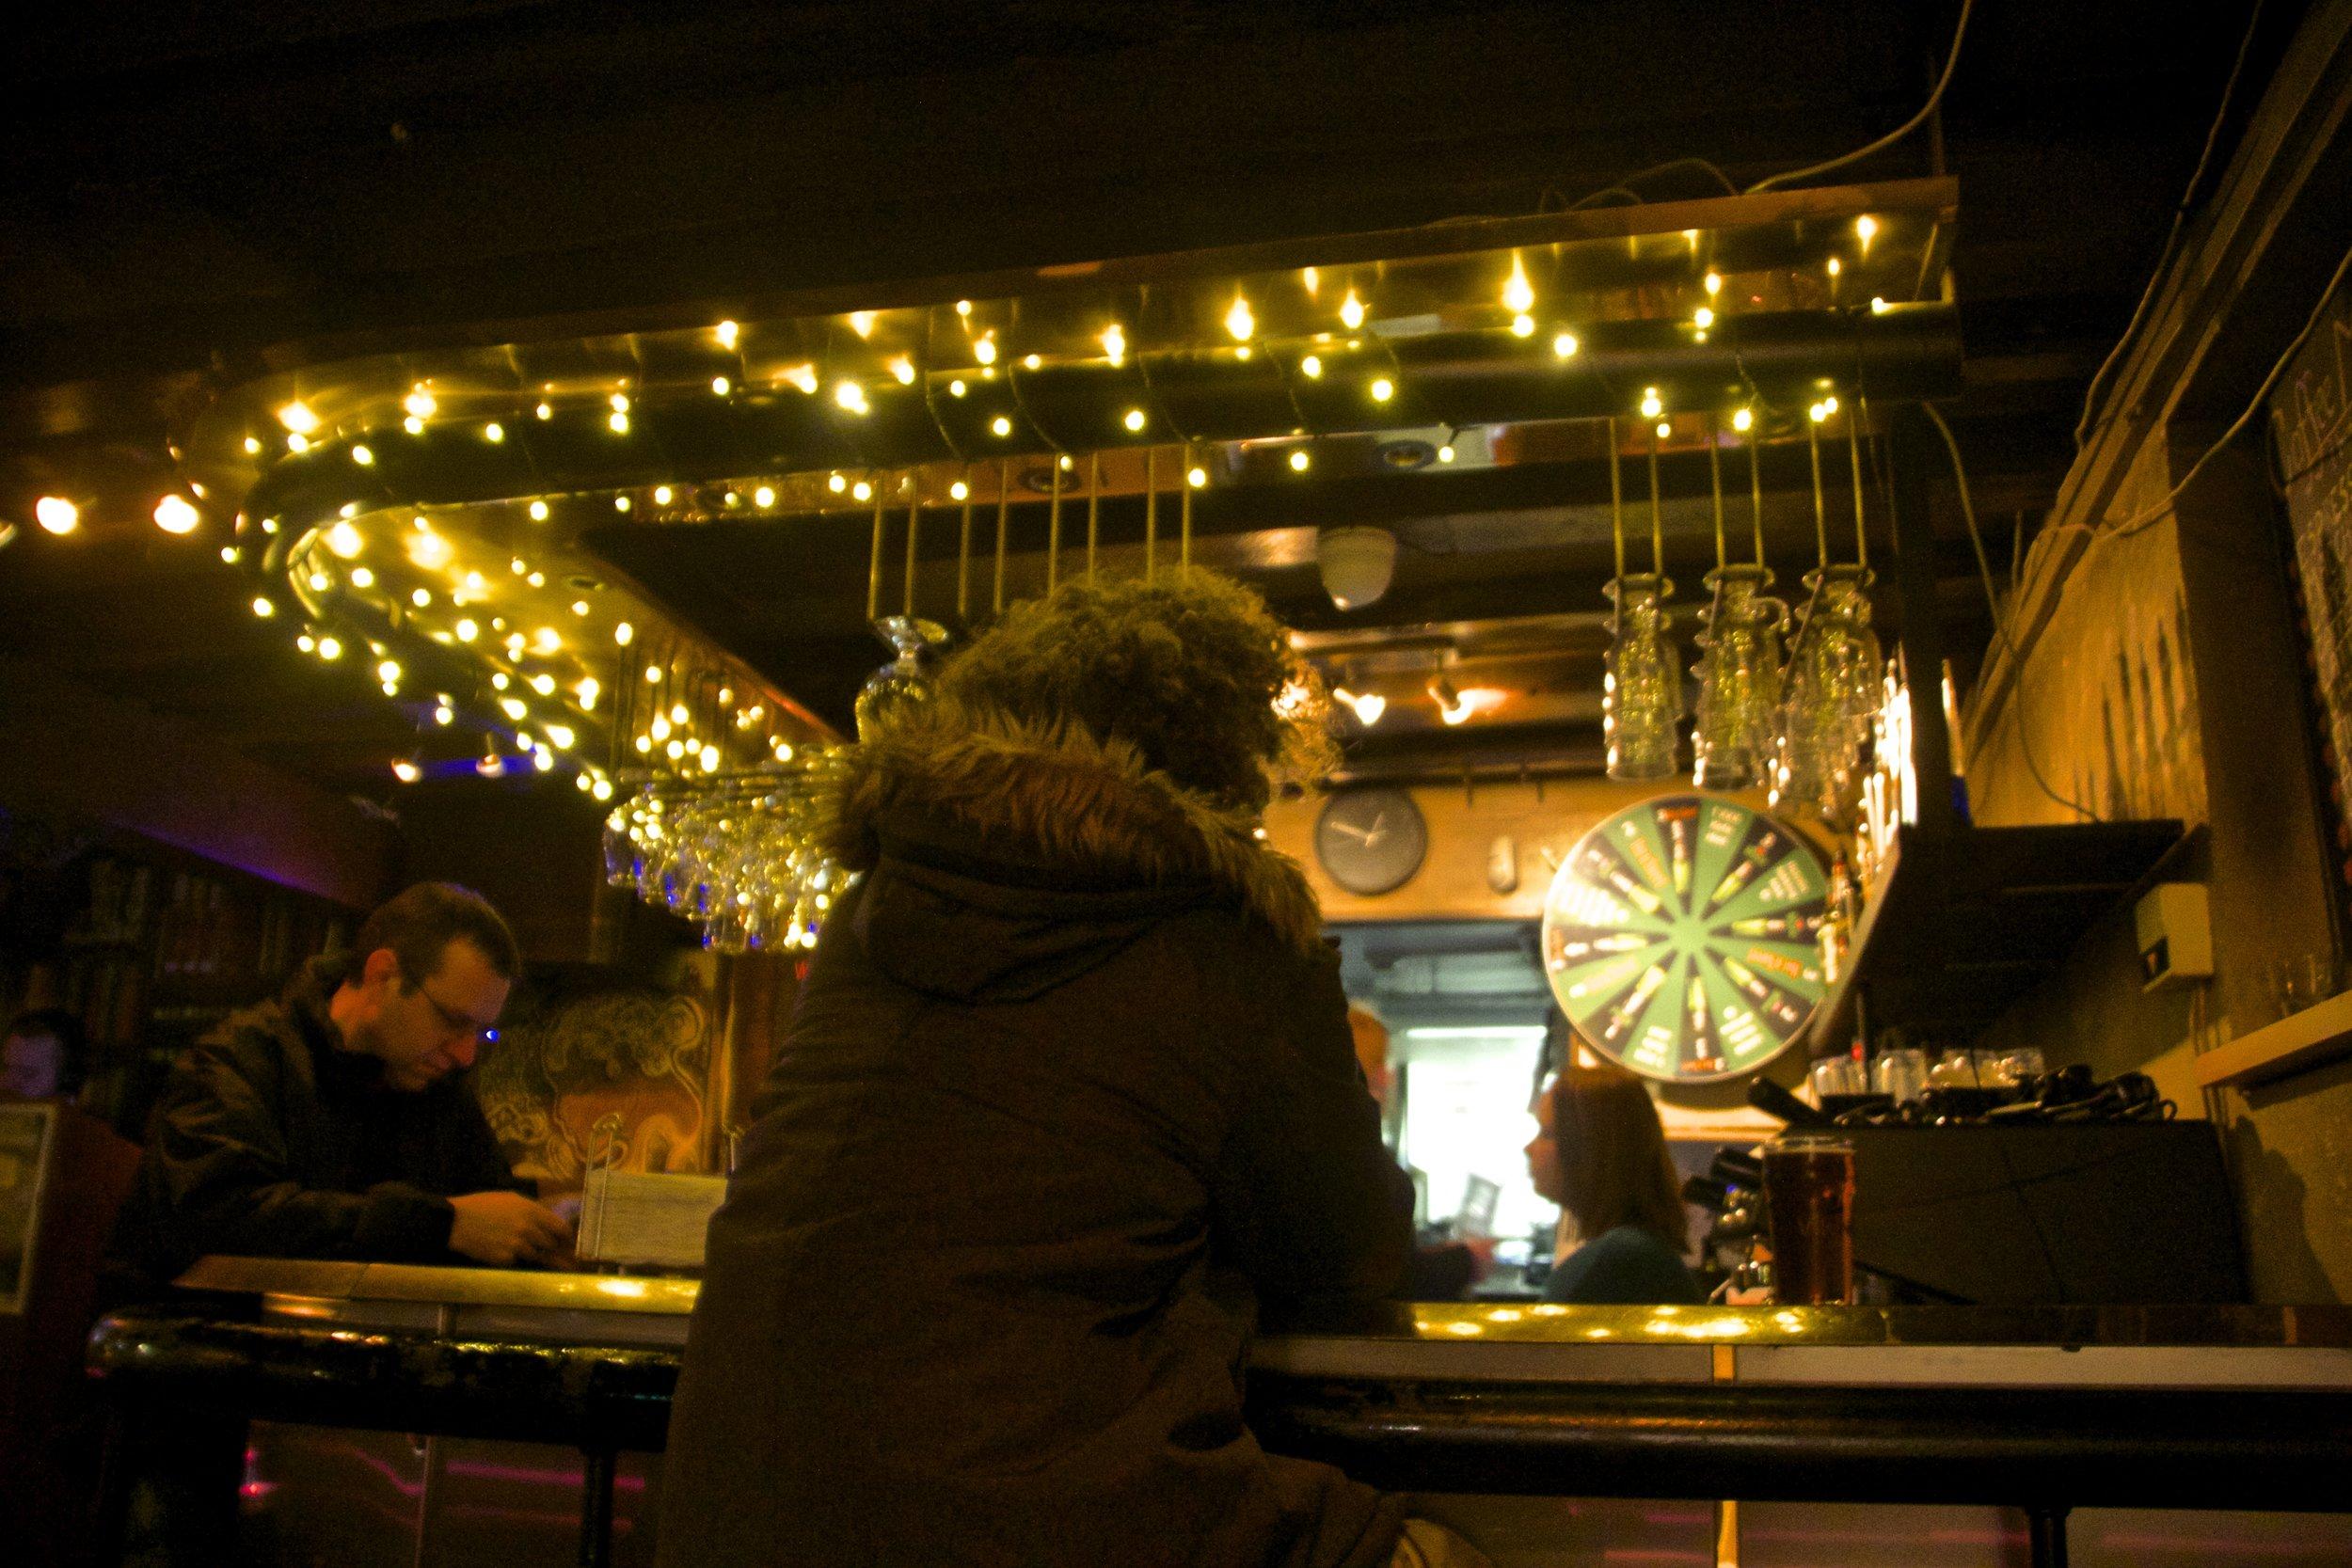 reykjavik nightlife kofinn 2.jpg